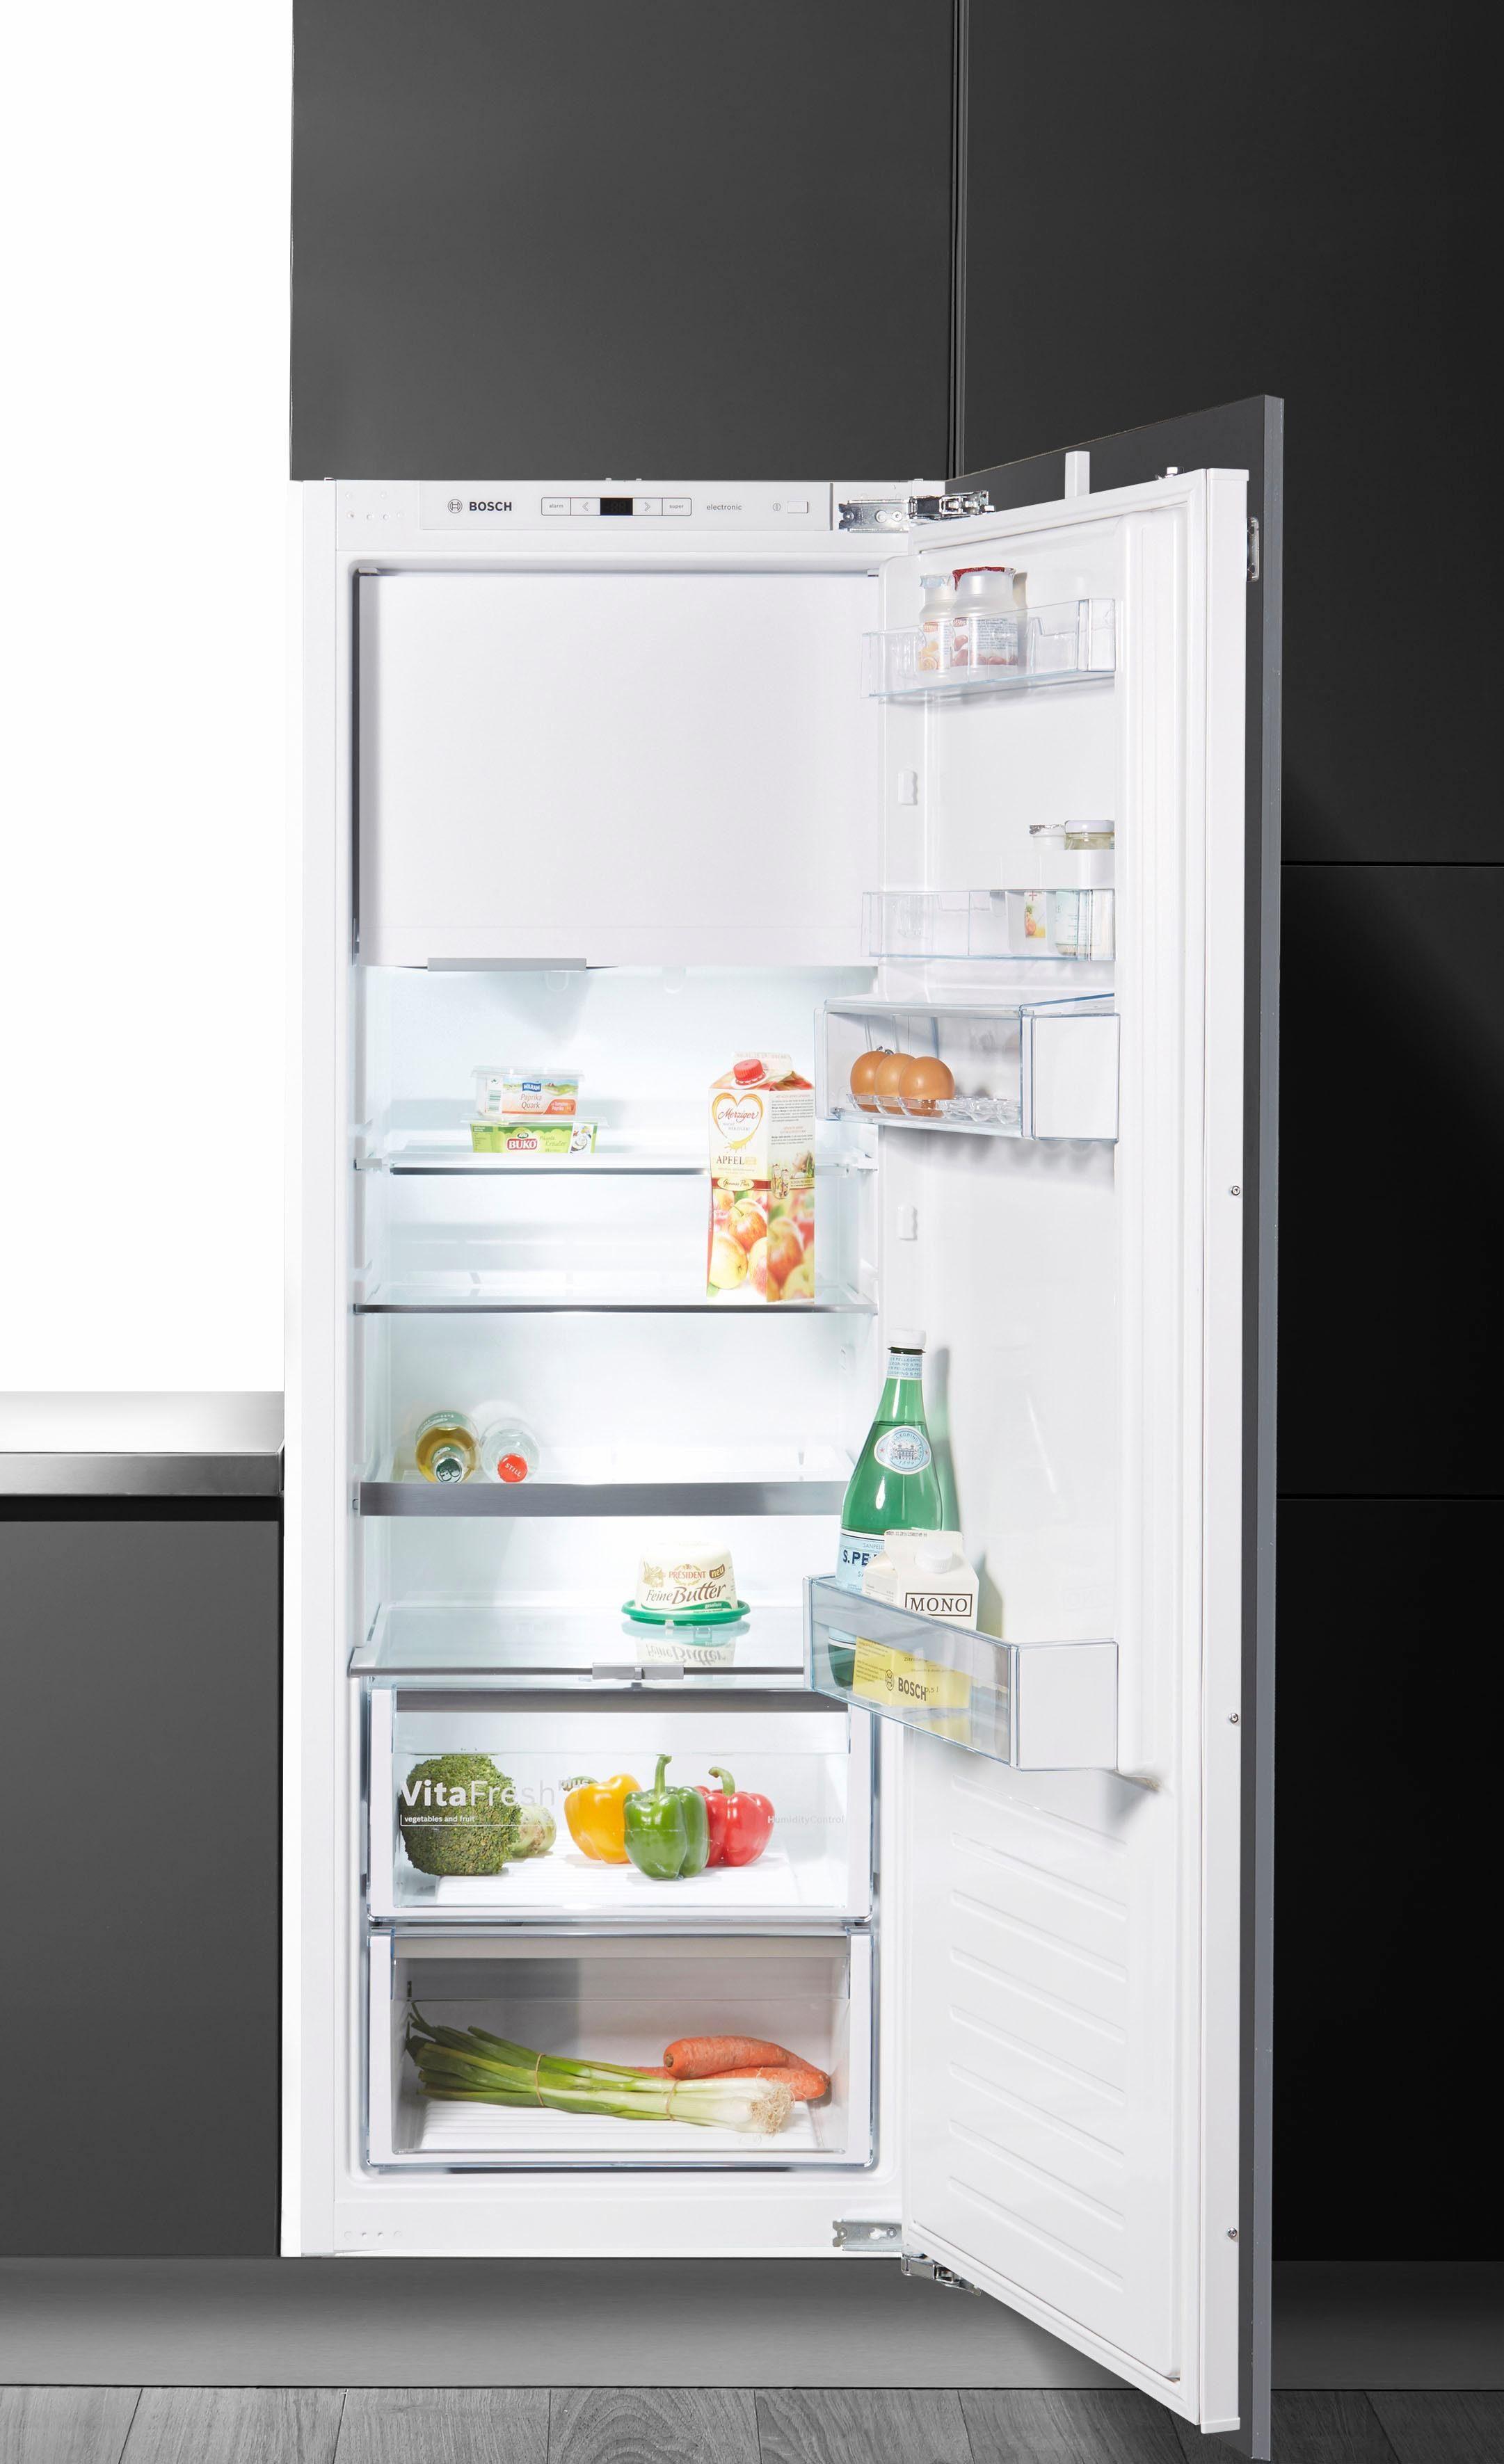 BOSCH Einbaukühlgefrierkombination KIL72AD40, 158 cm hoch, 54,5 cm breit, Energieeffizienzklasse: A+++, 158 cm hoch